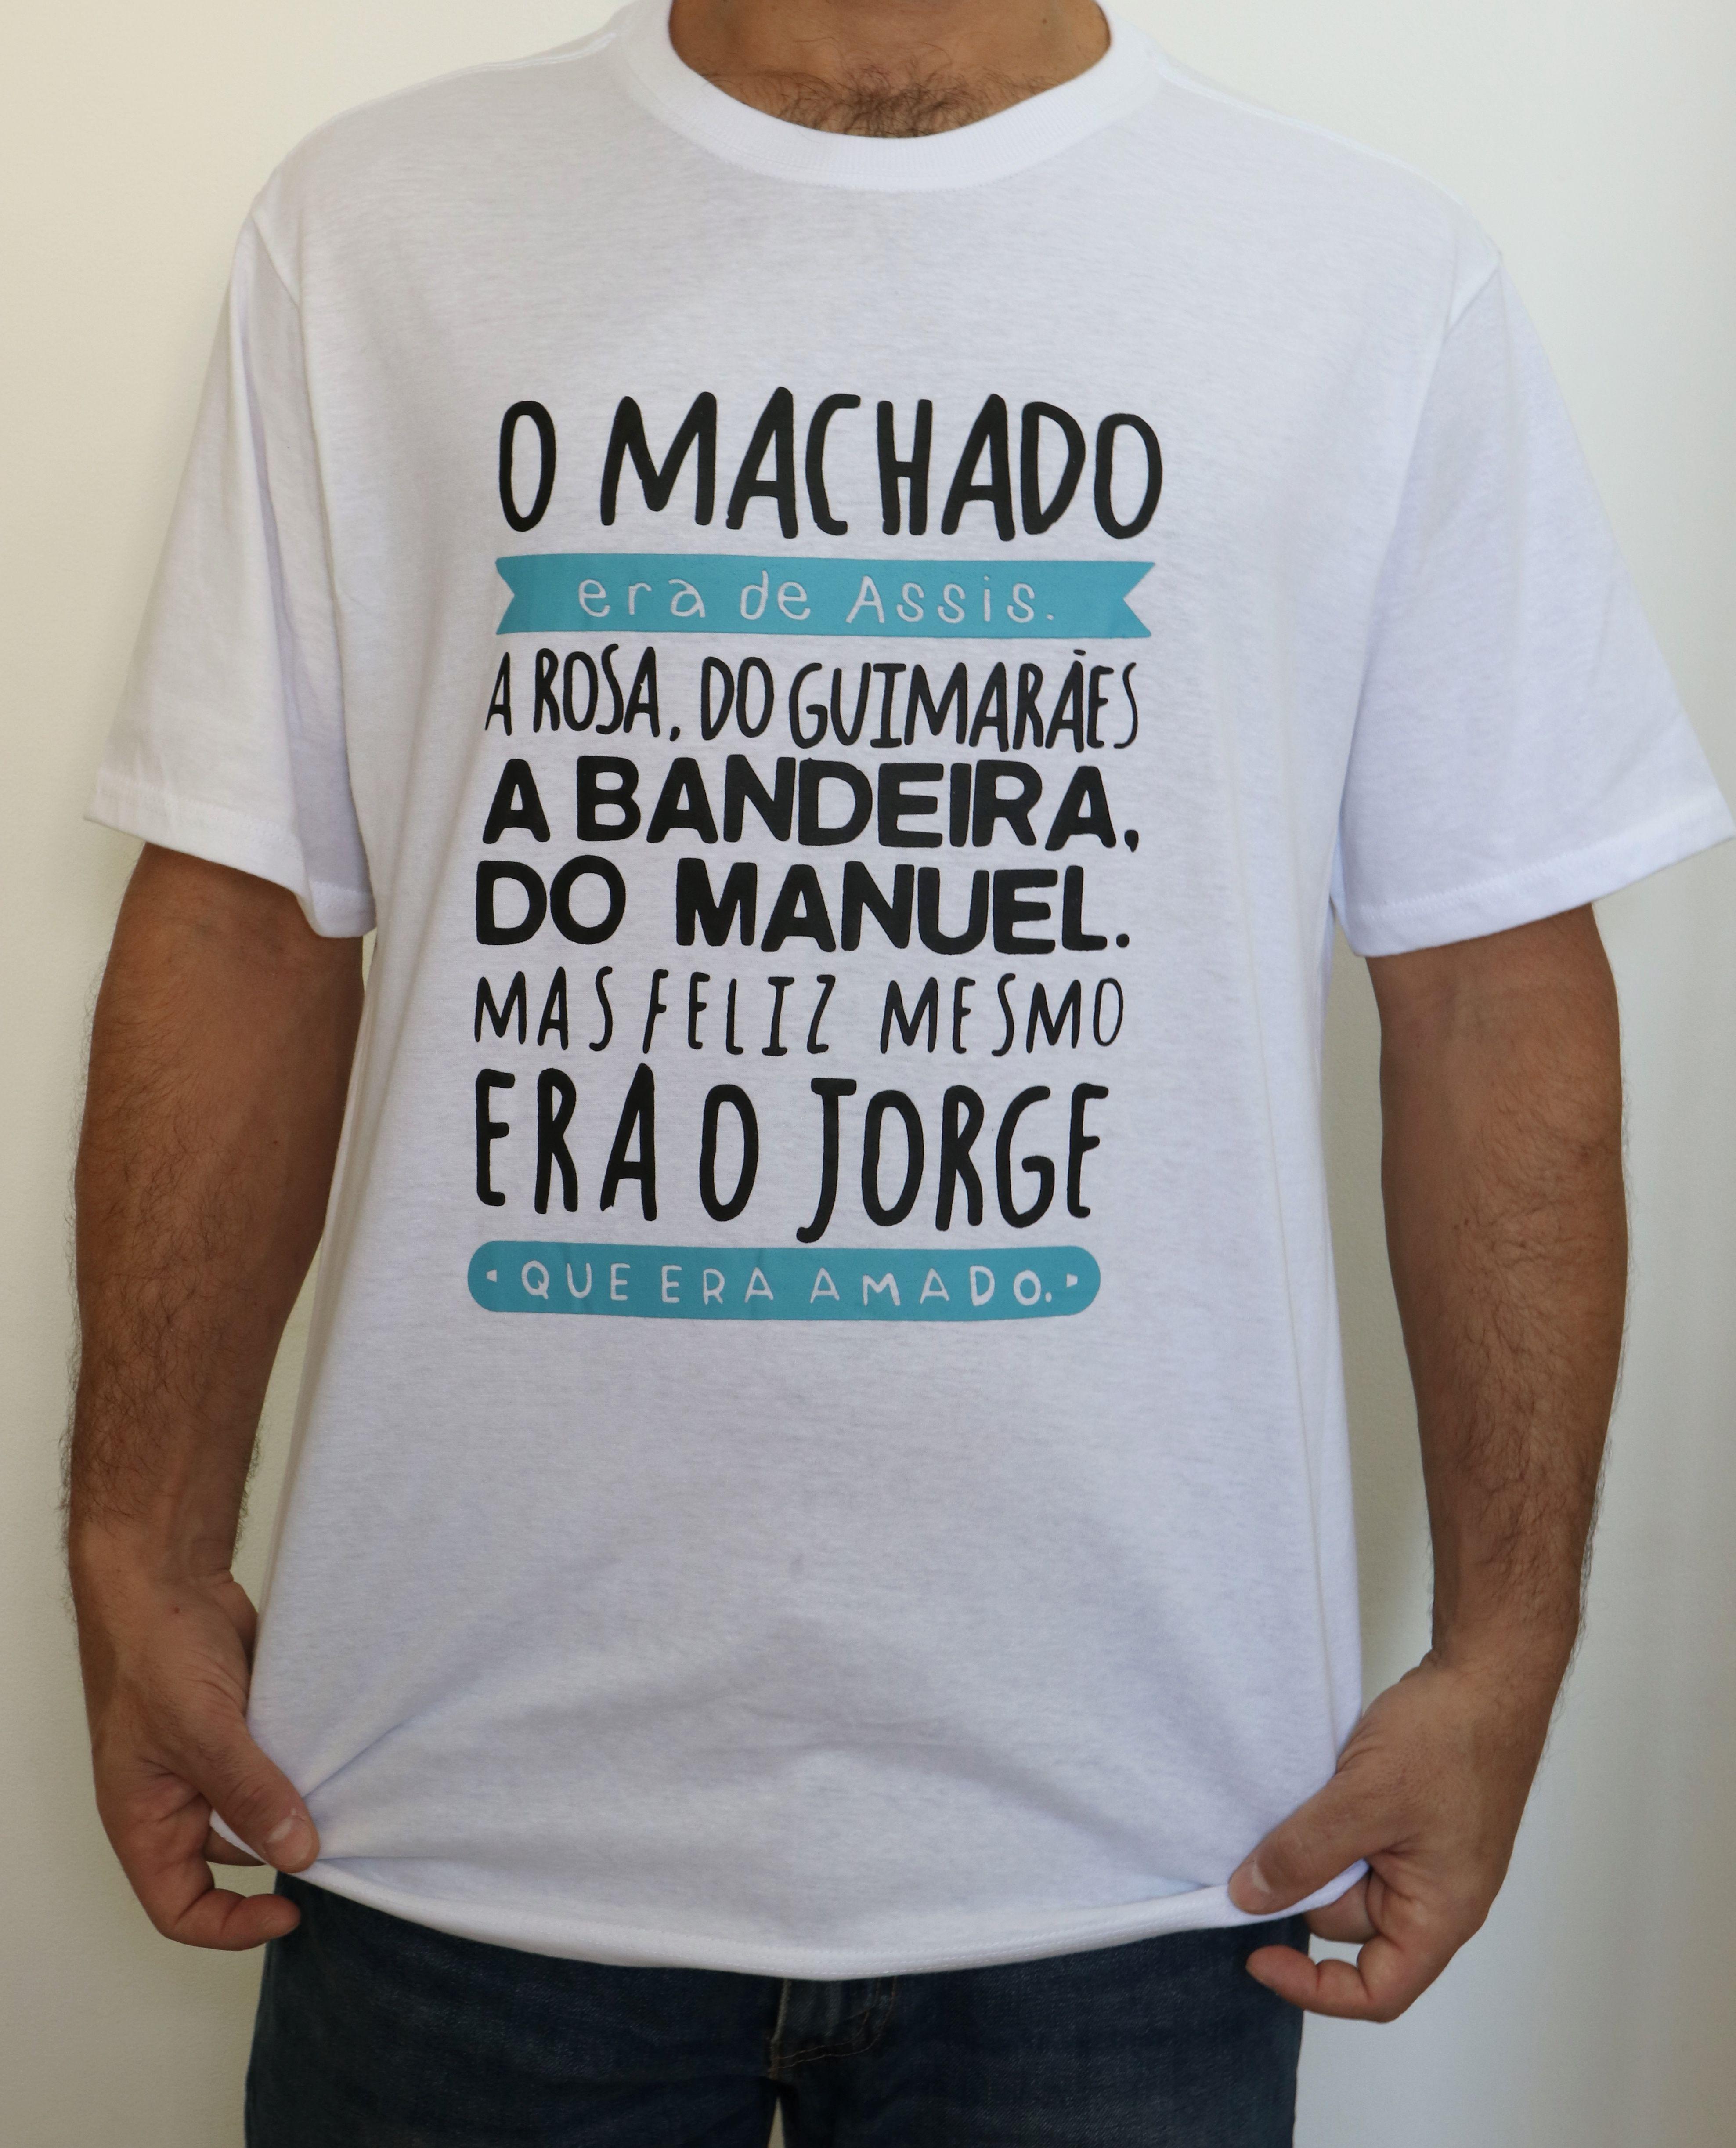 9f4ba9c6e715d Camiseta para os amantes de literatura Aproveita que estamos com o frete  grátis (Consulte condições